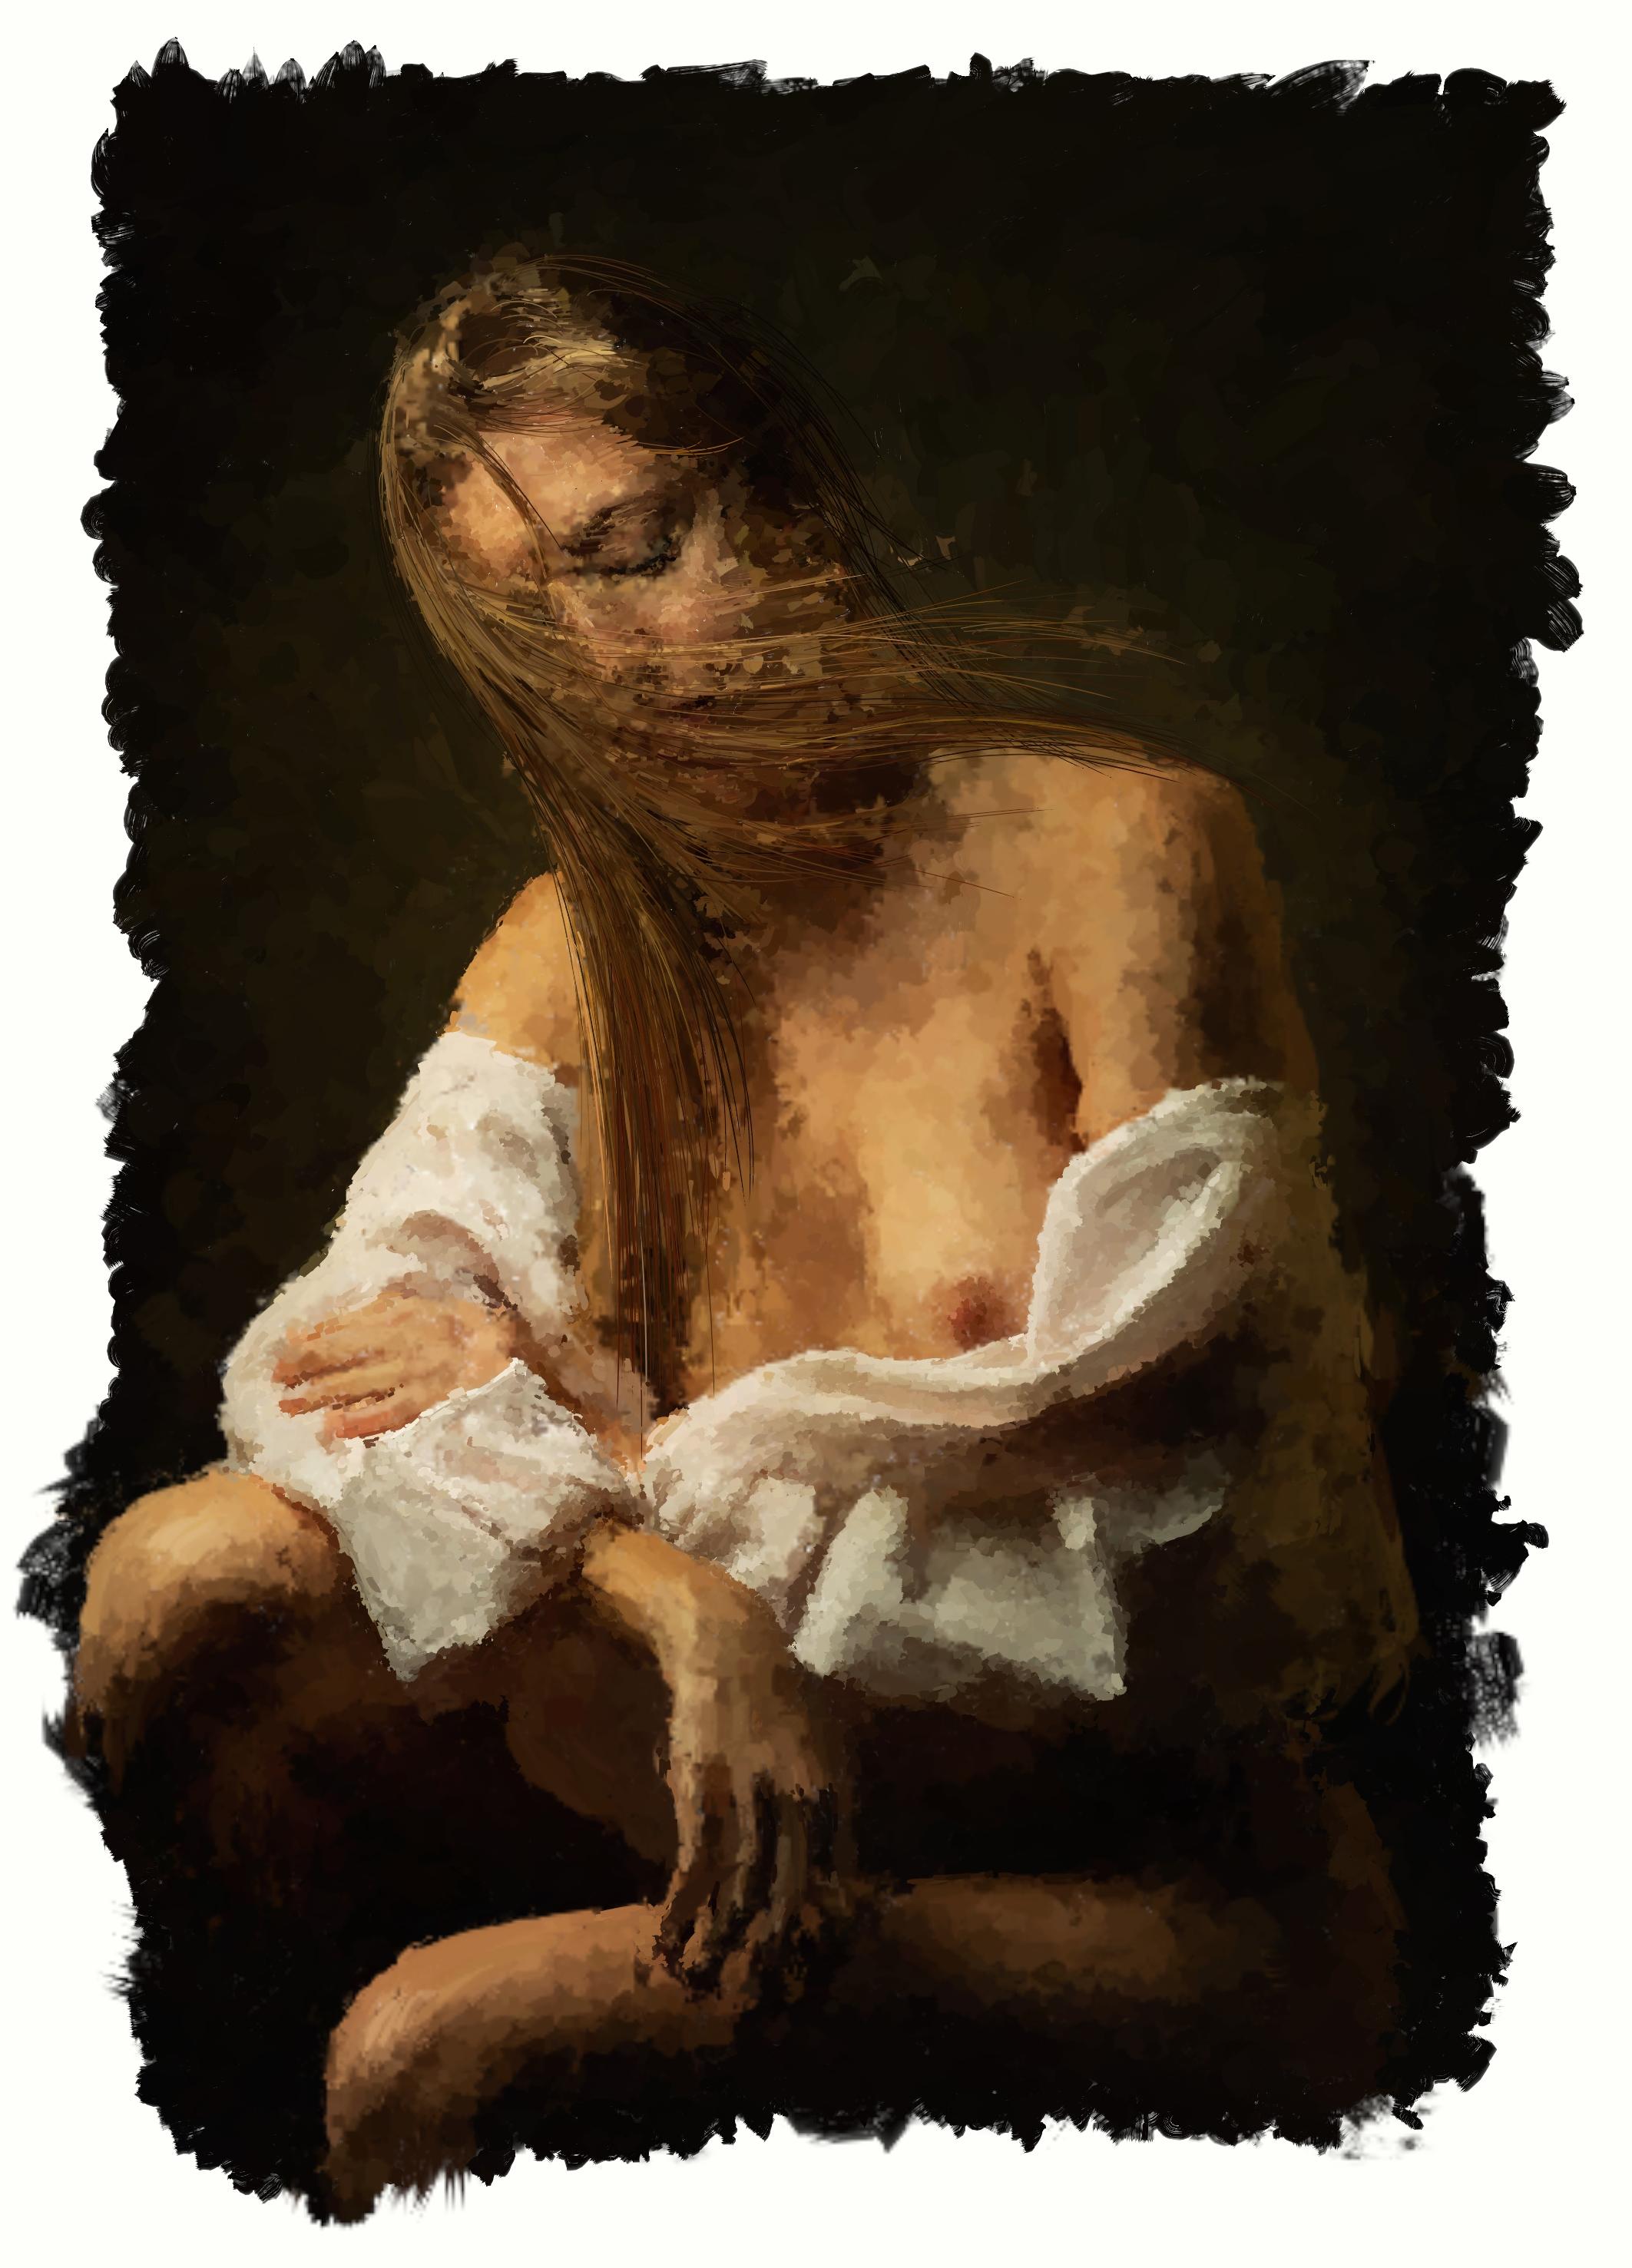 Luciano Curtarello - Pensando a te - tecnica mista (base in disegno e pittura digitale e acrilico su tela) - 70x100 cm